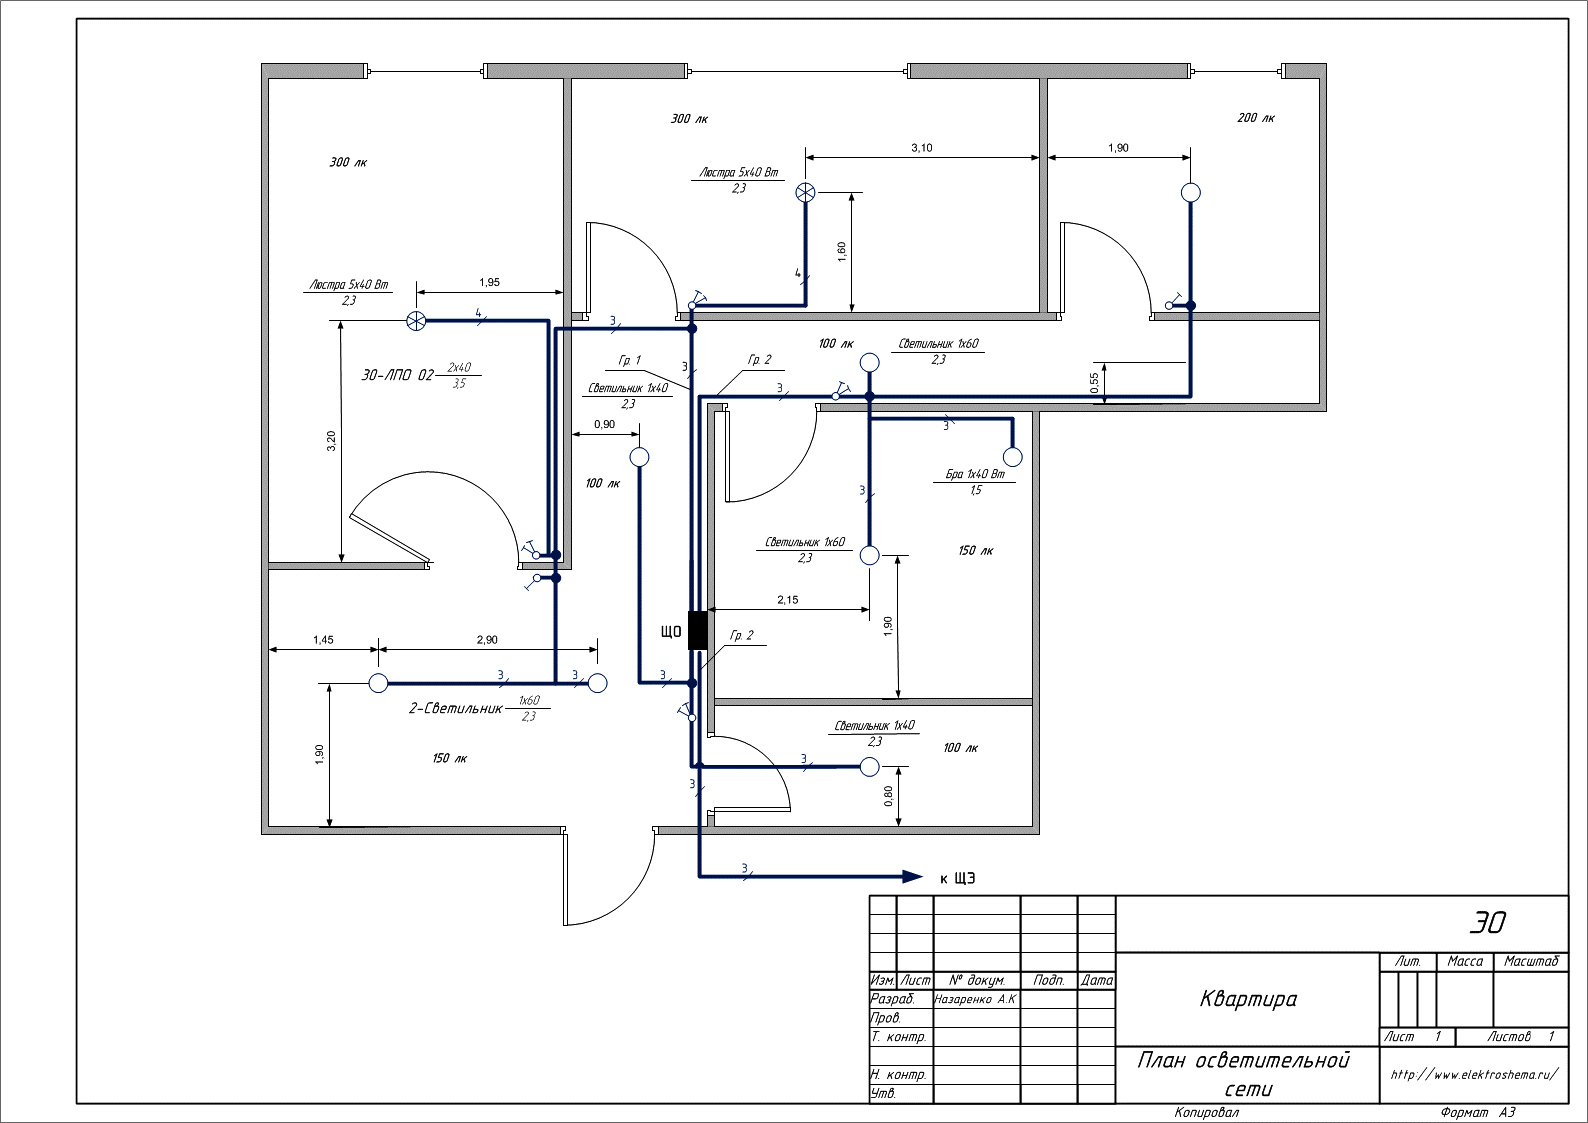 Электрическая схема в визио 2010